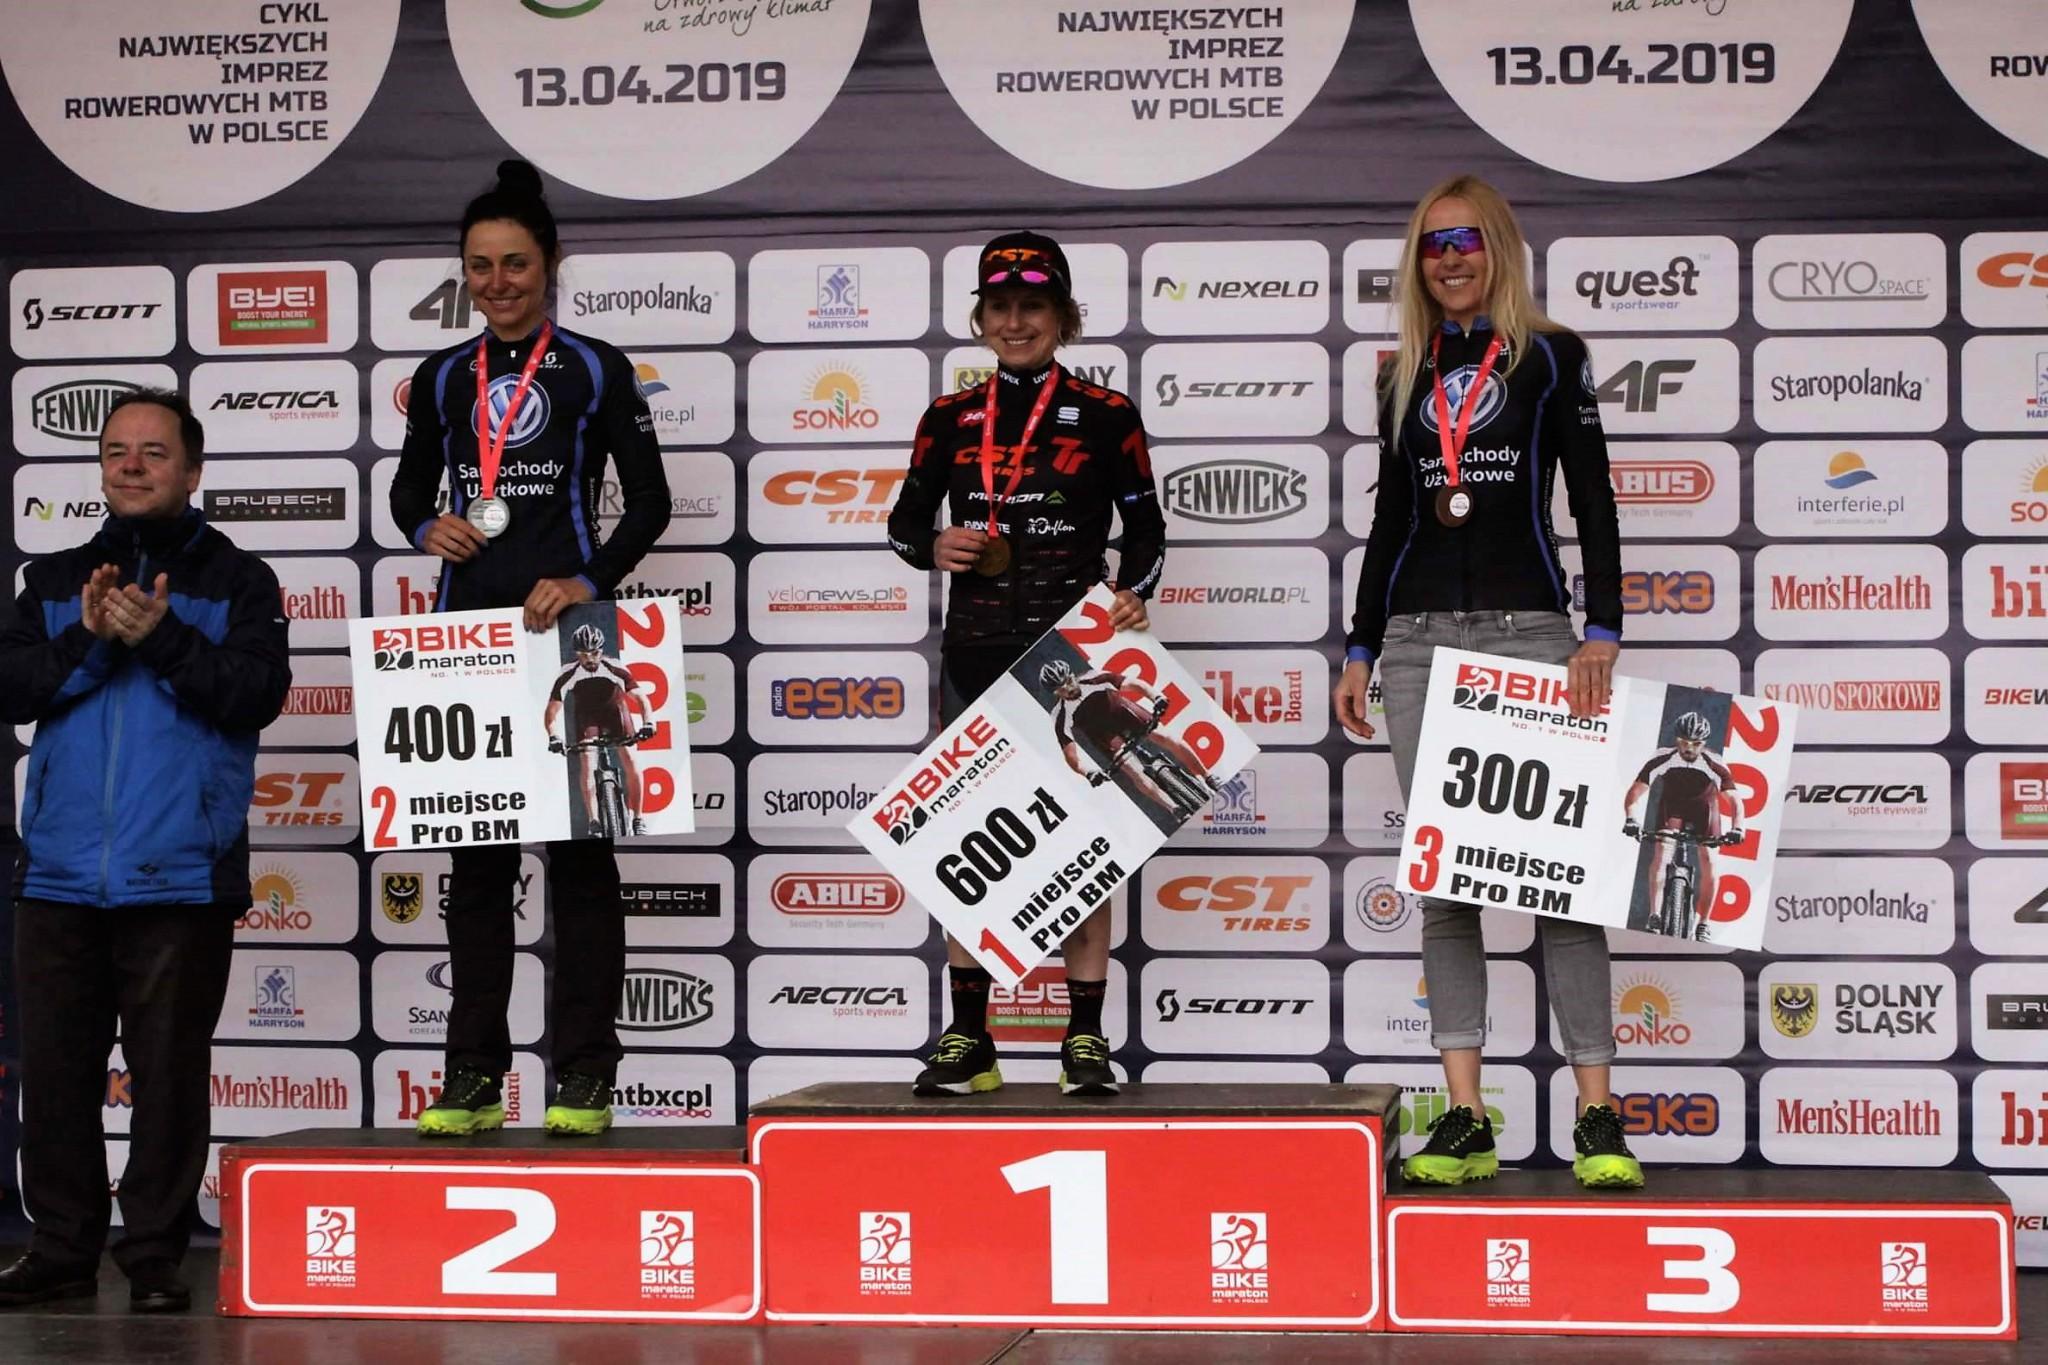 Wygrana Michaliny Ziółkowskiej w Bike Maratonie